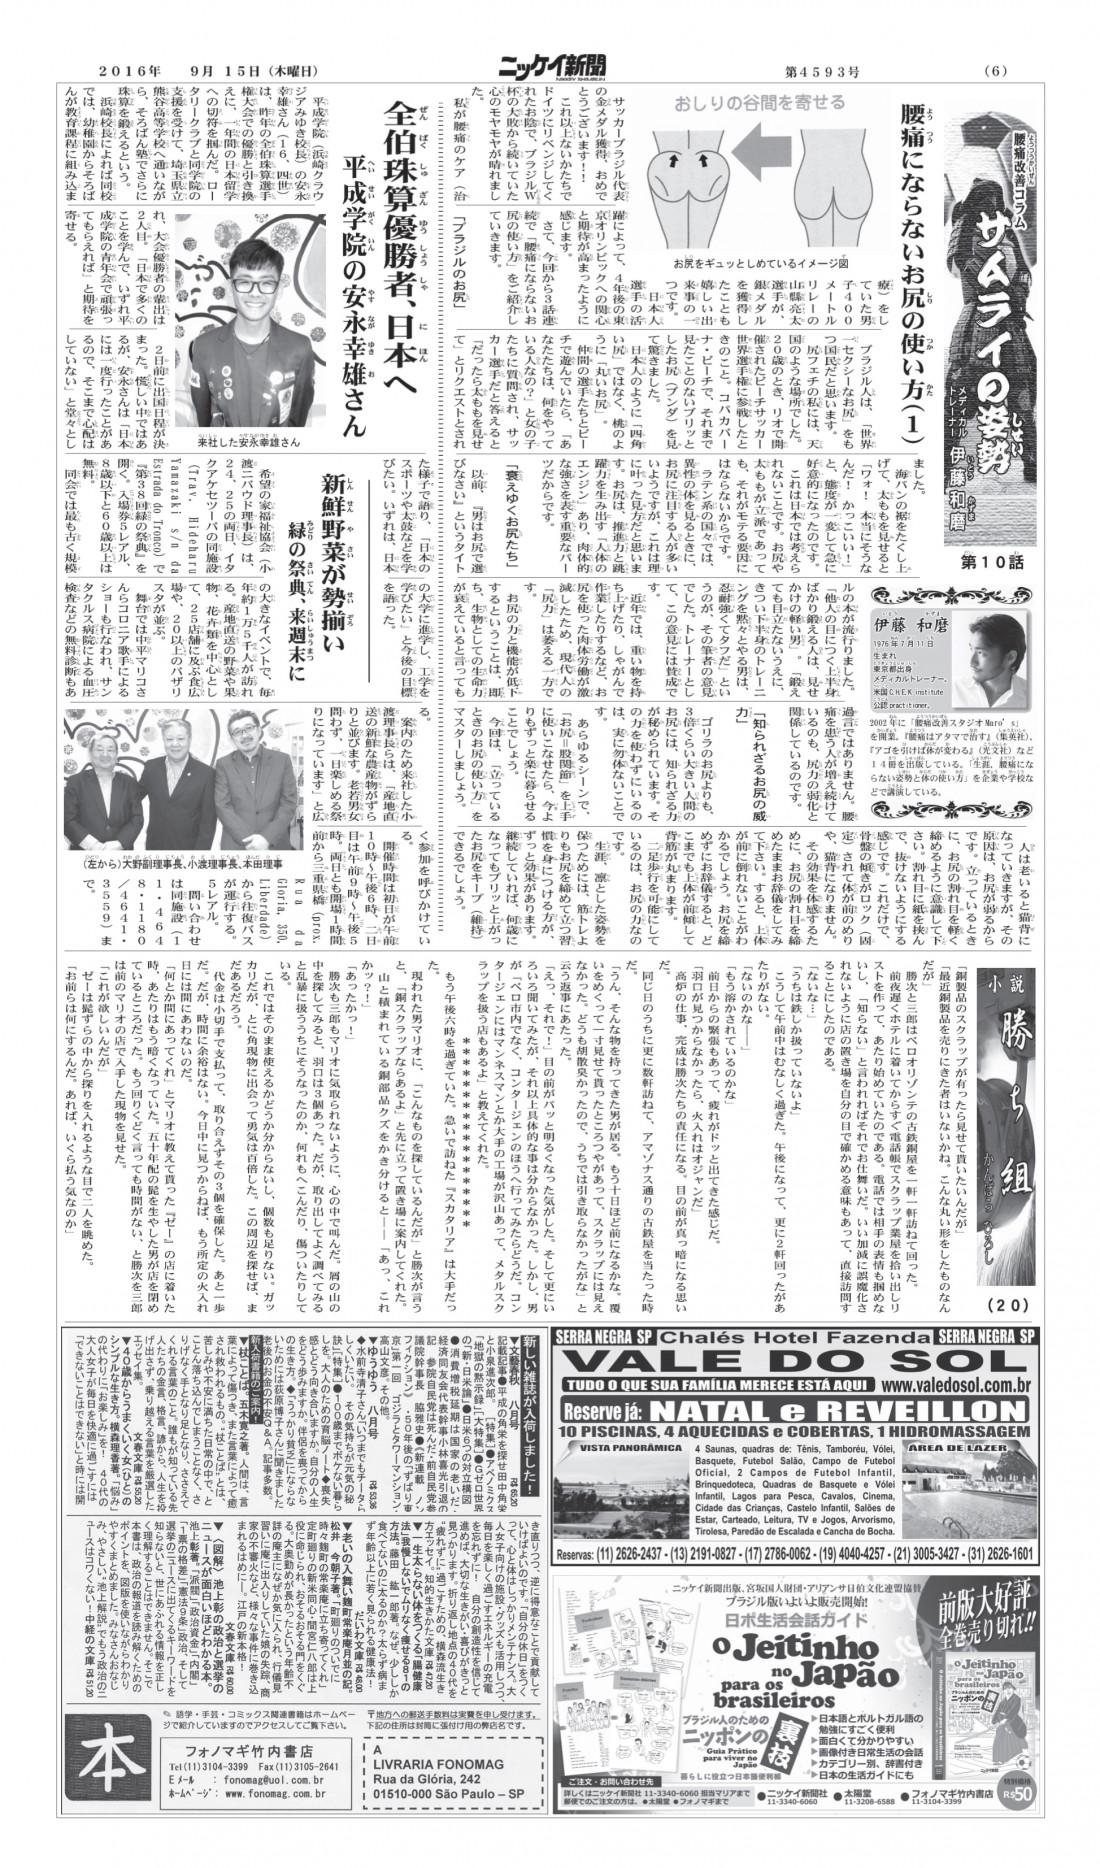 20160915-jornal-nikkey-shimbun-p6-samurai-10